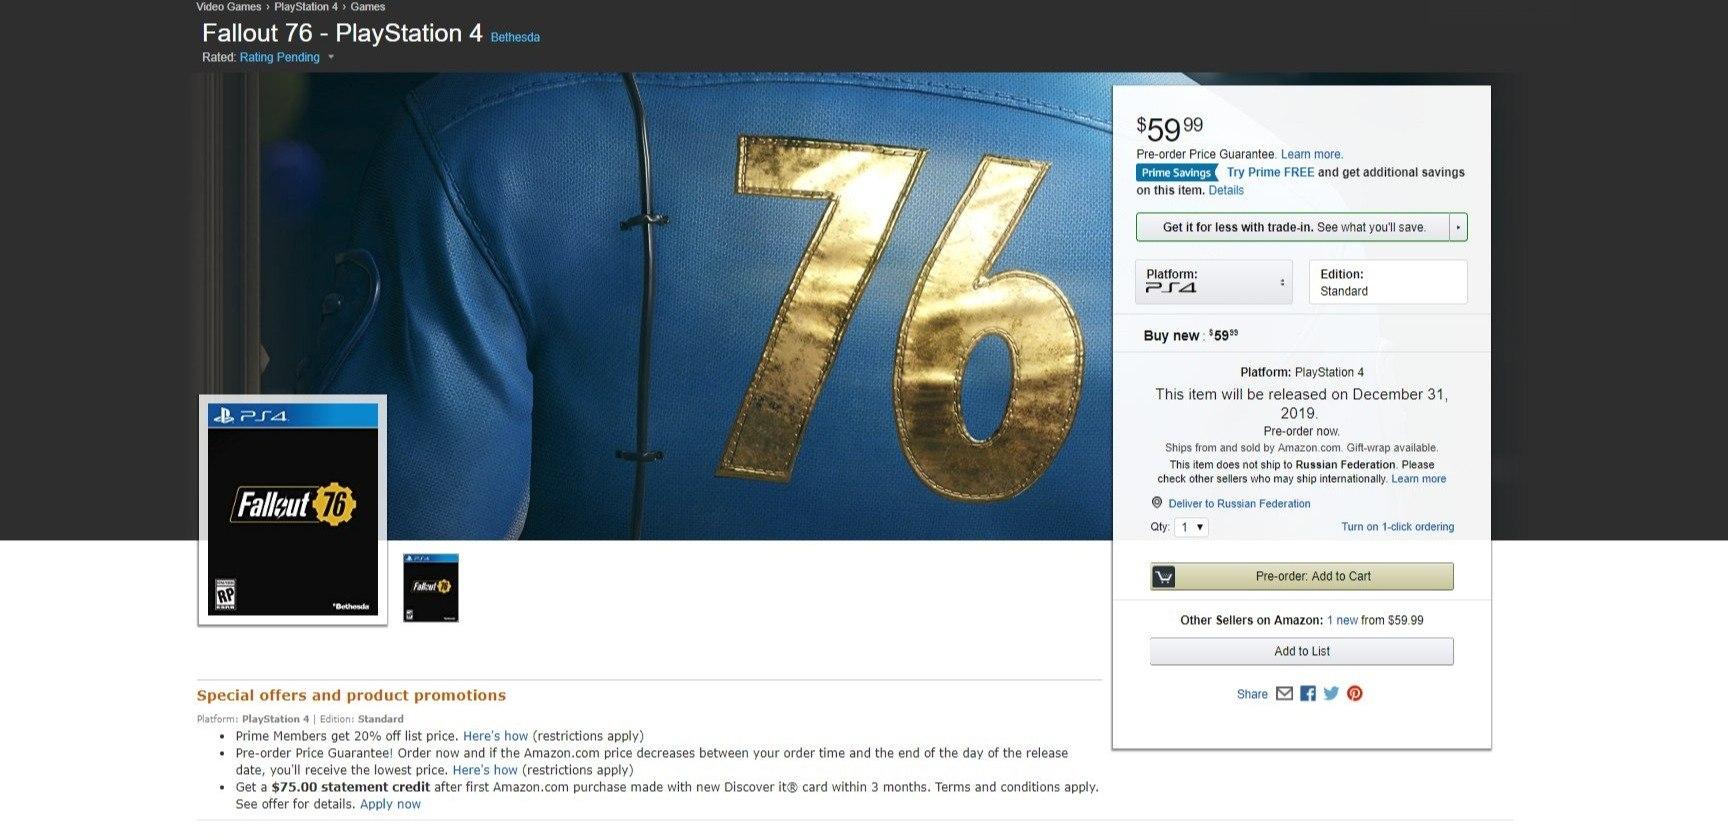 В сети появились слухи что Fallout76 будет условно-бесплатной игрой.